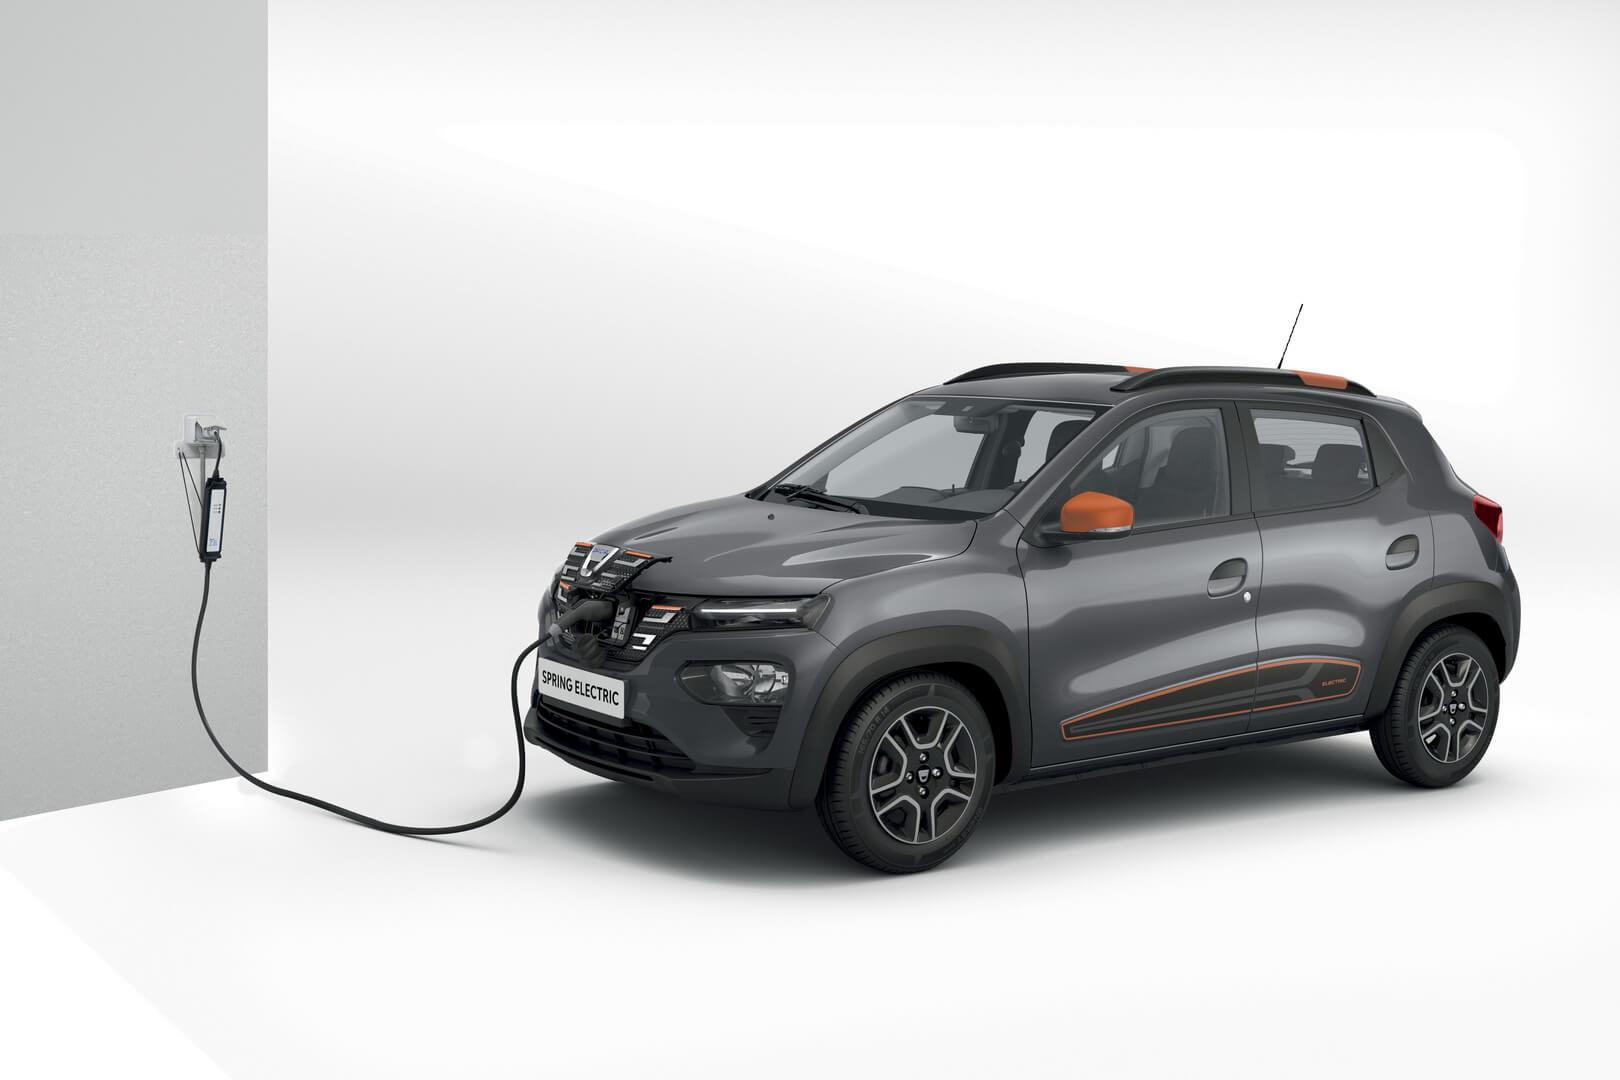 Dacia Spring Electric станет самым дешевым электромобилем в Европе